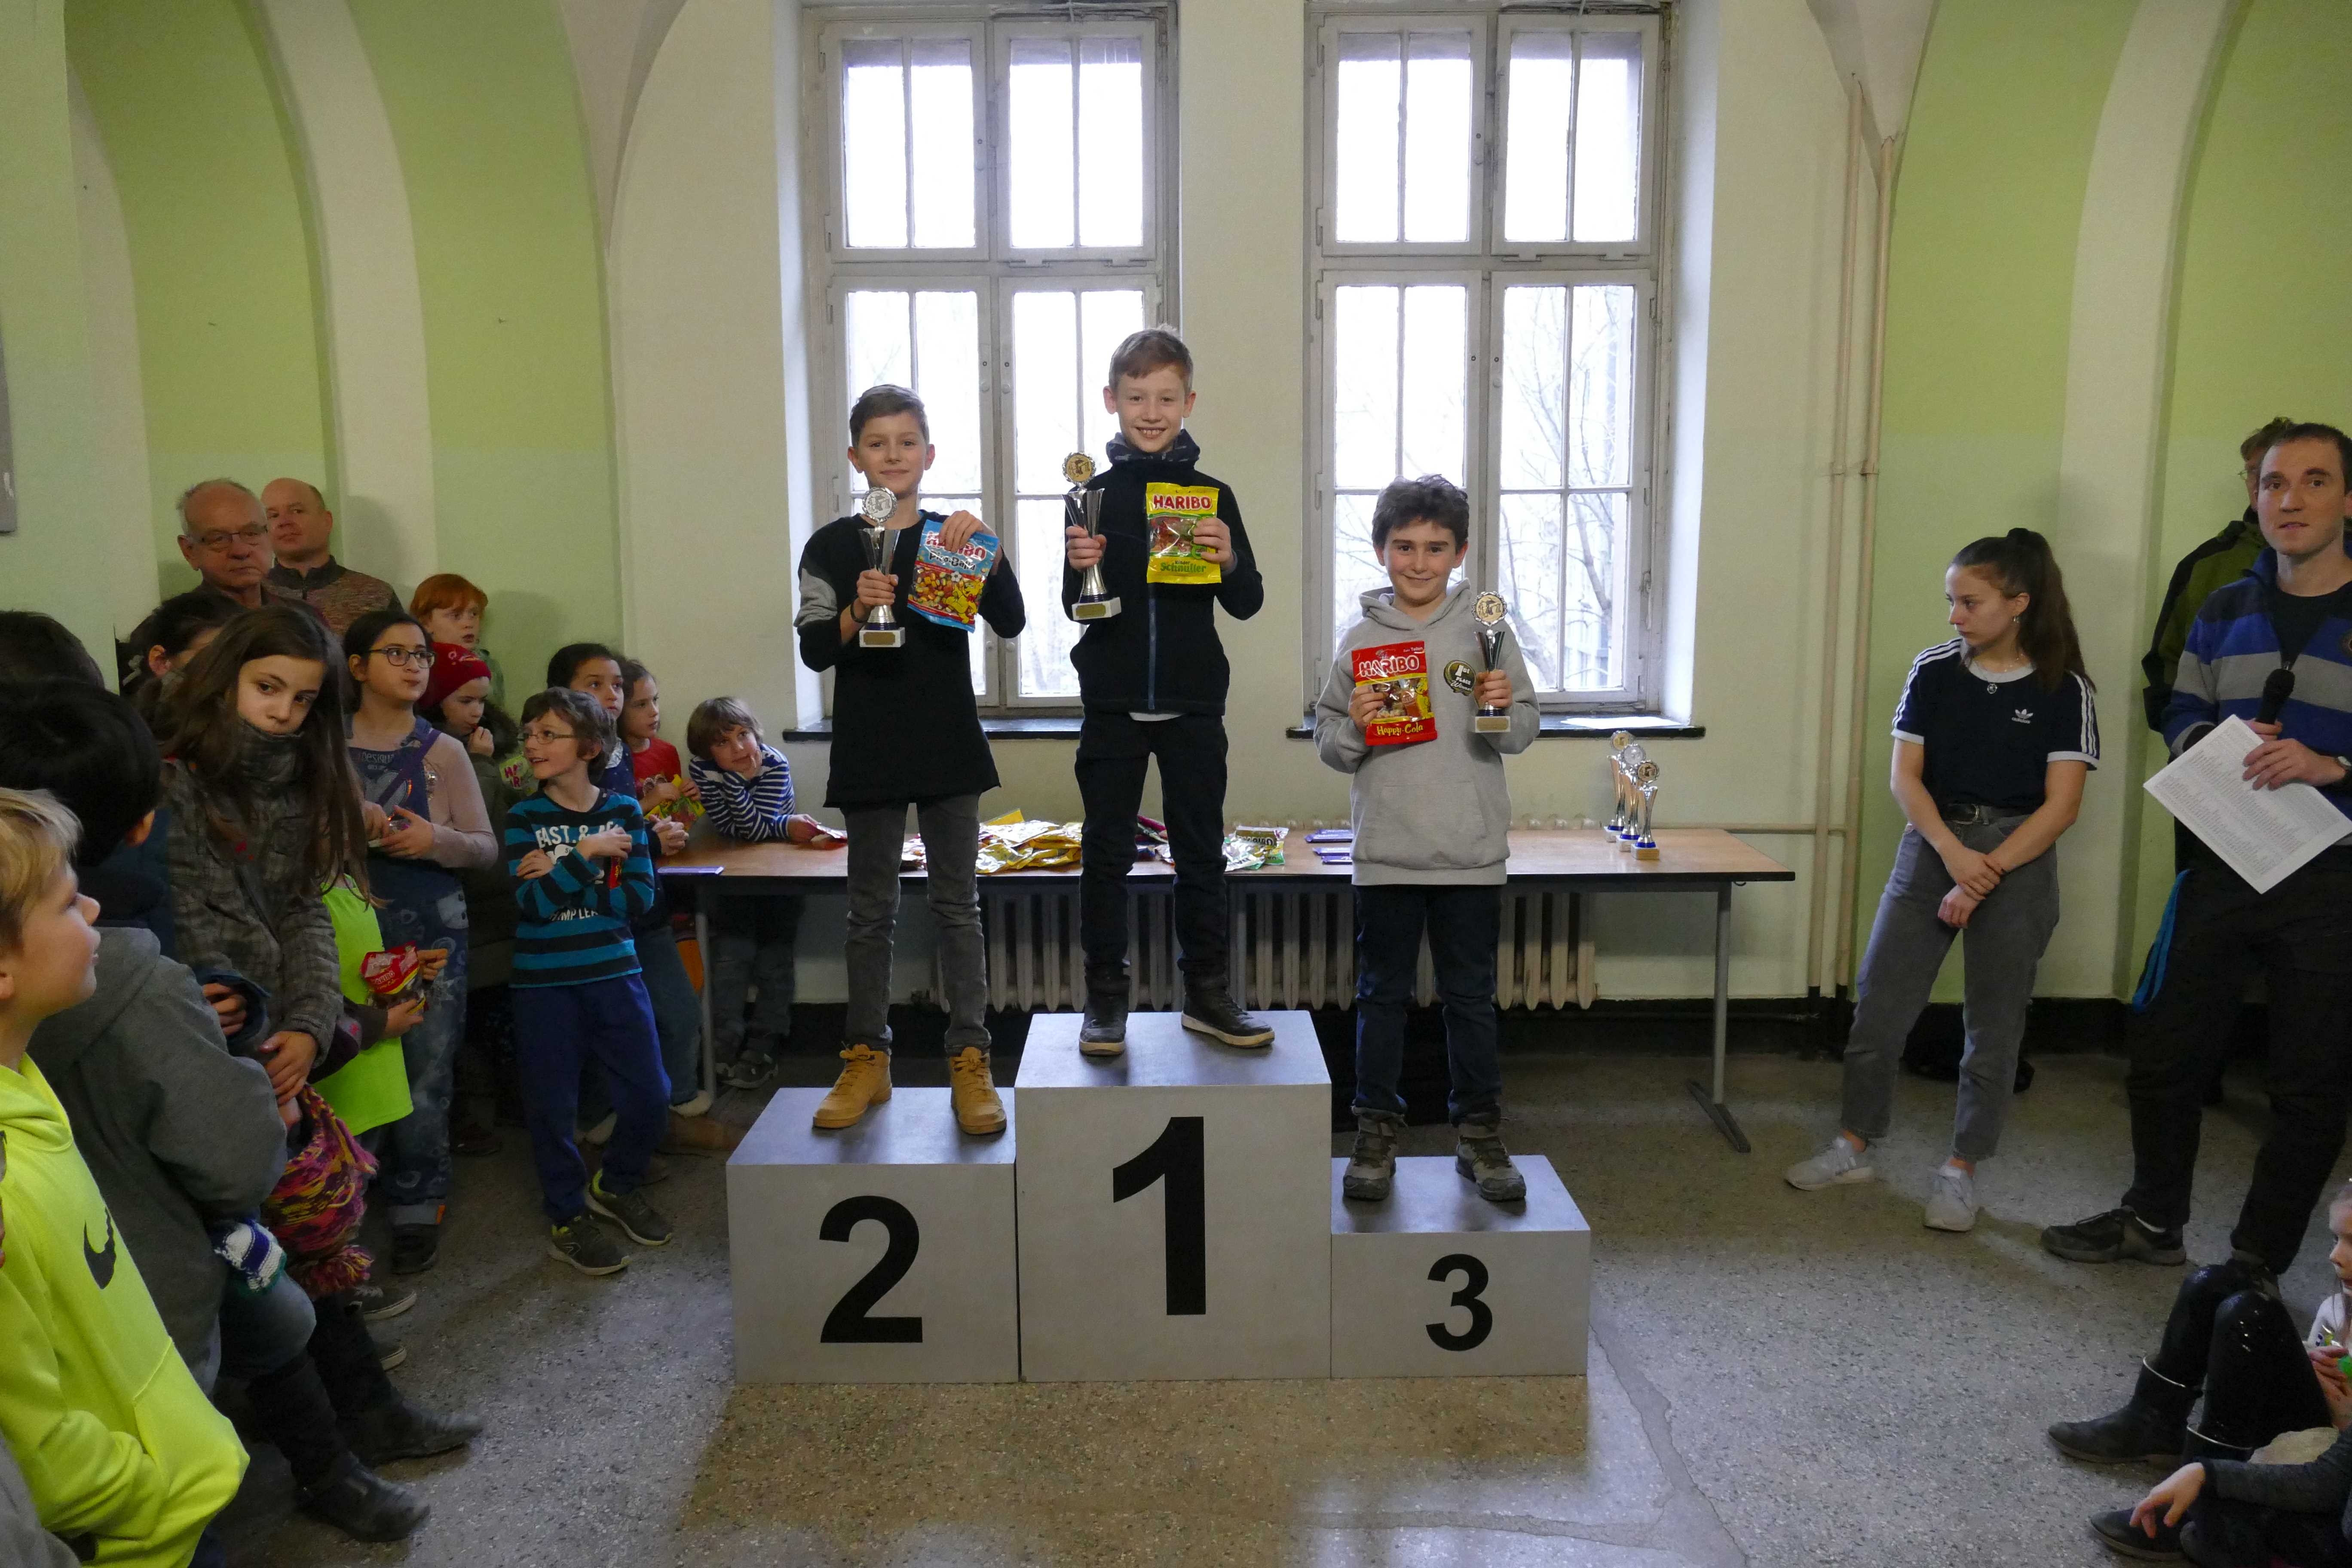 Paul Trotzinski - Sieger u12 beim JWO (Quelle: Schachjugend in Berlin)